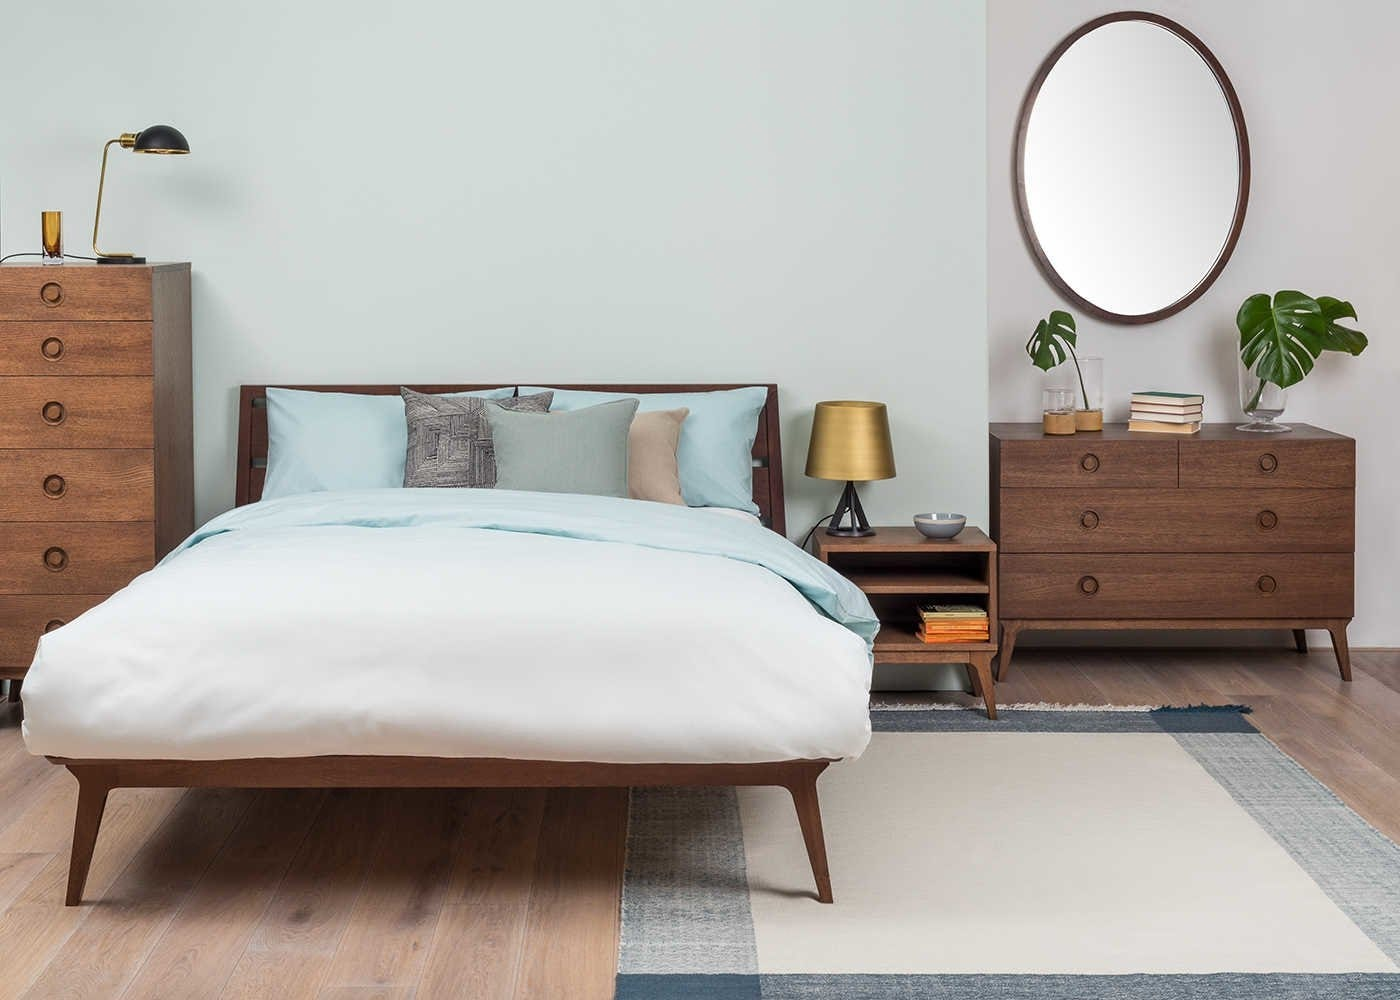 Valentine Bedroom Range in Walnut